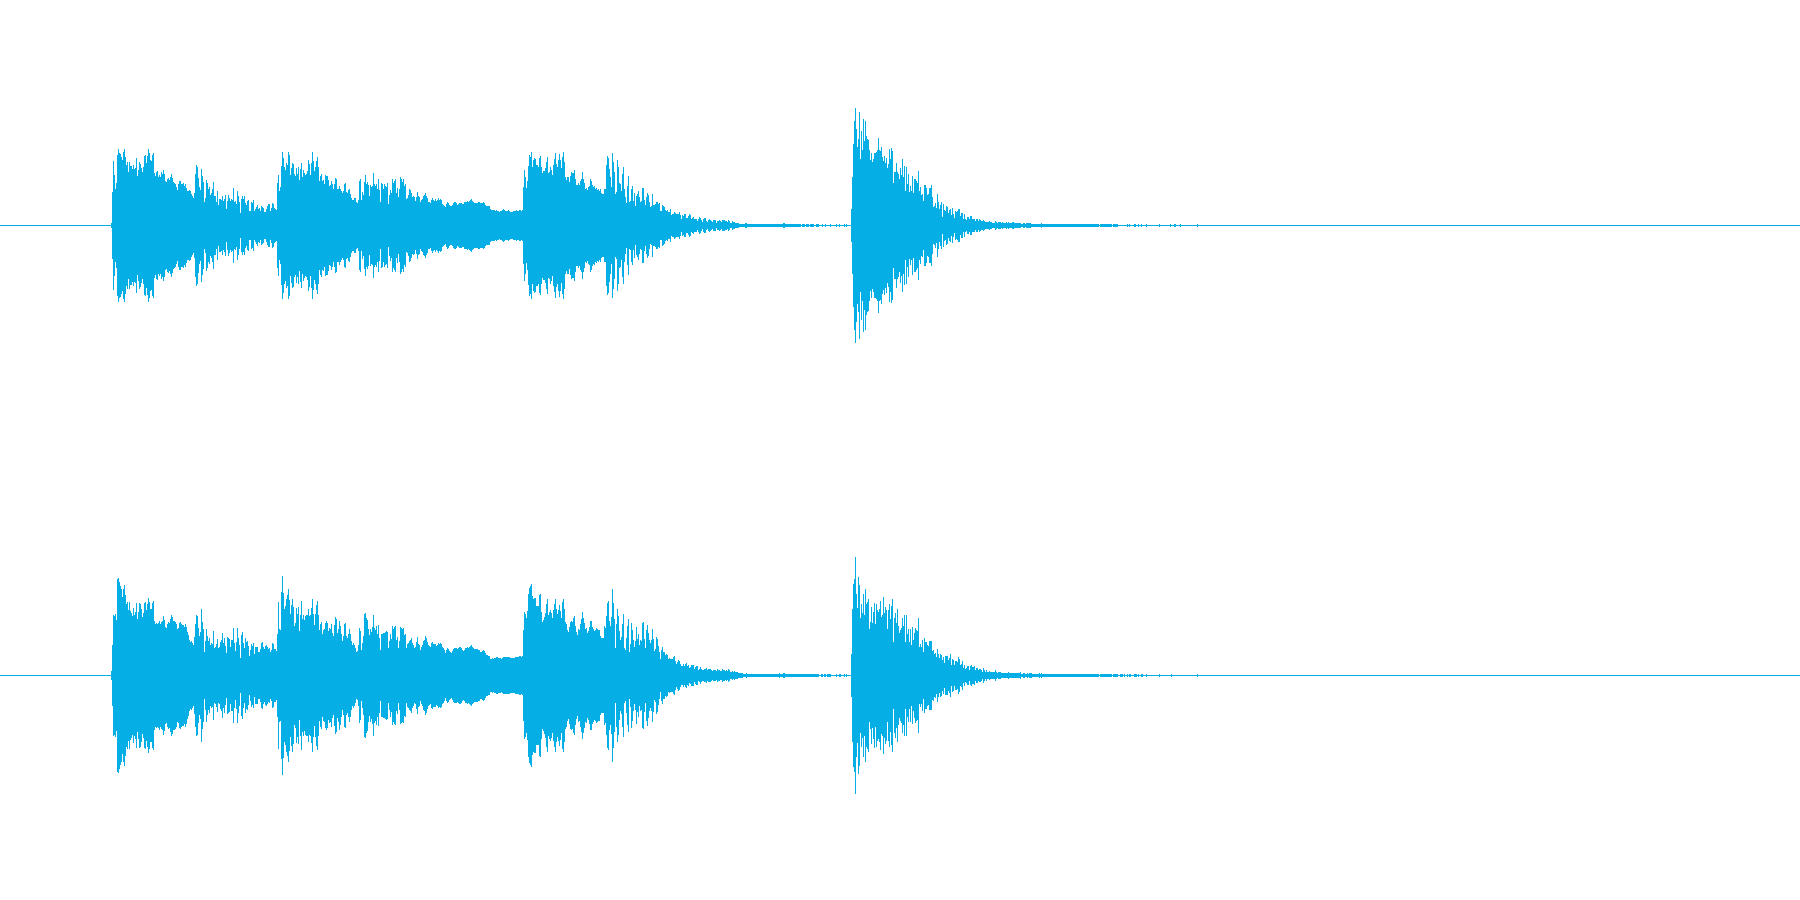 オチピアノ④ ズッコケ 場面転換の再生済みの波形